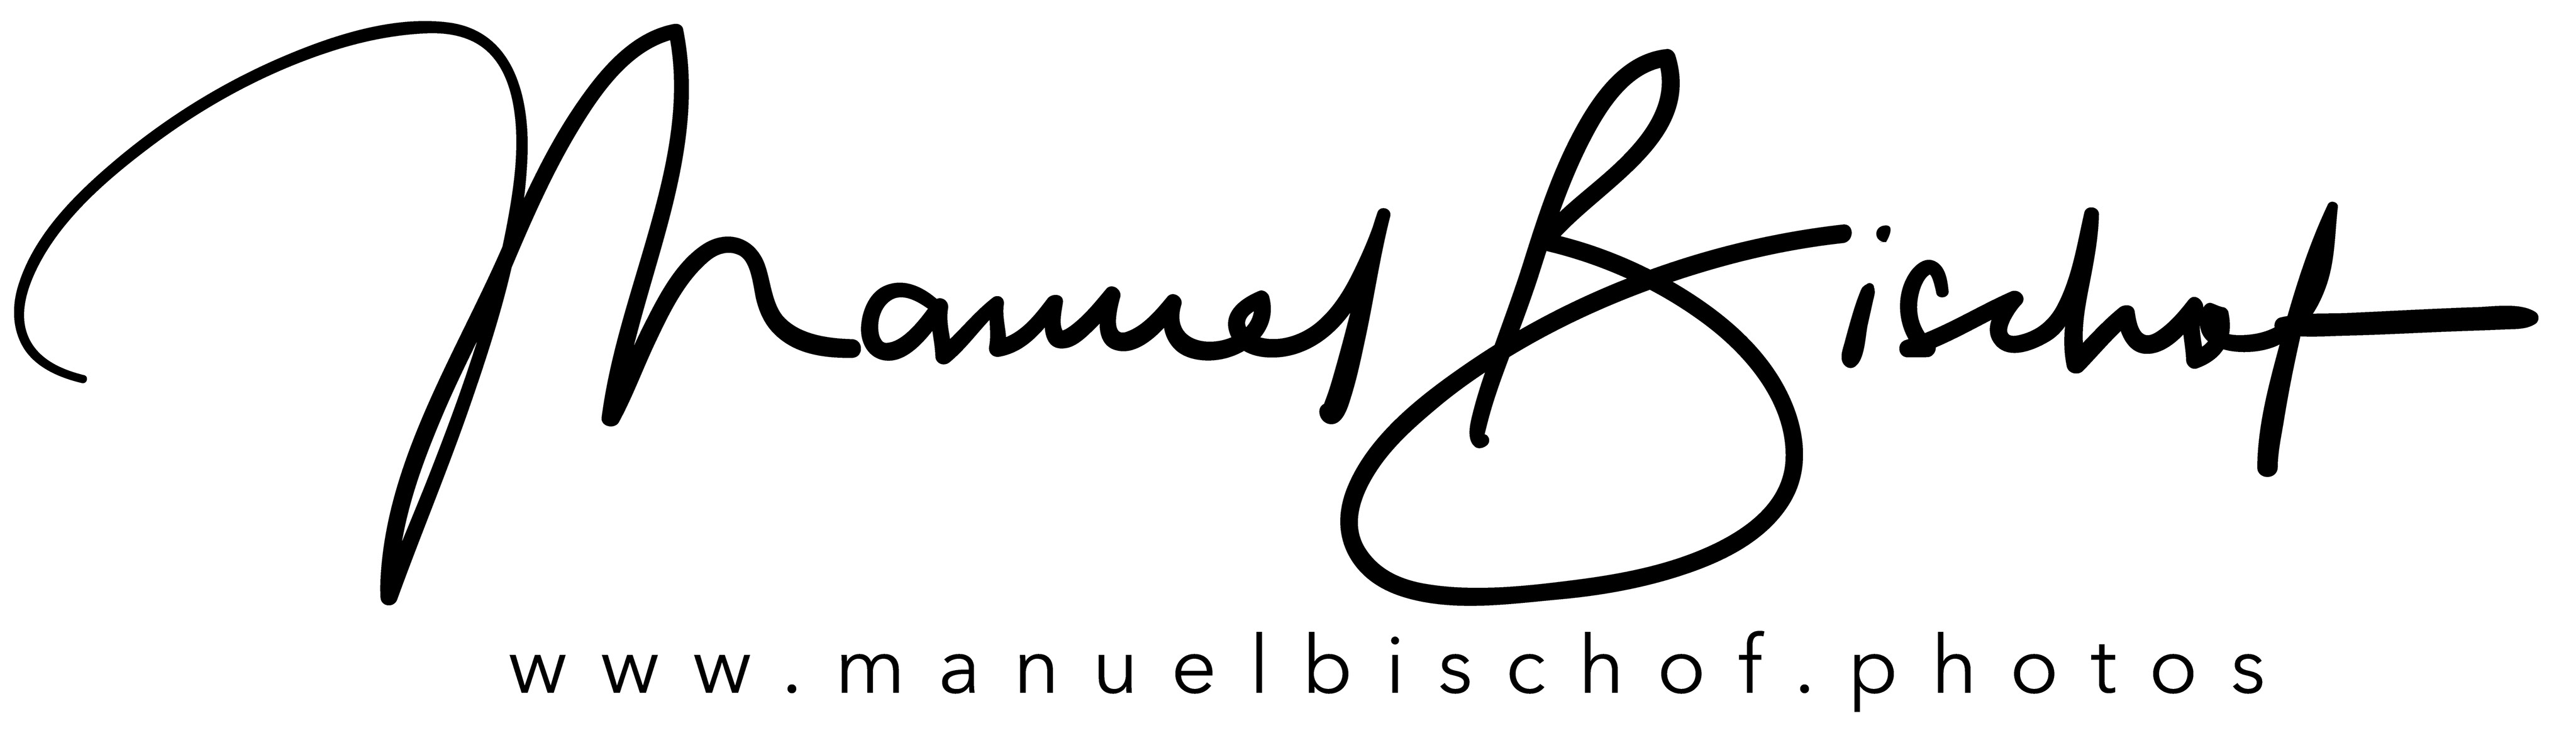 Manuel Bischof